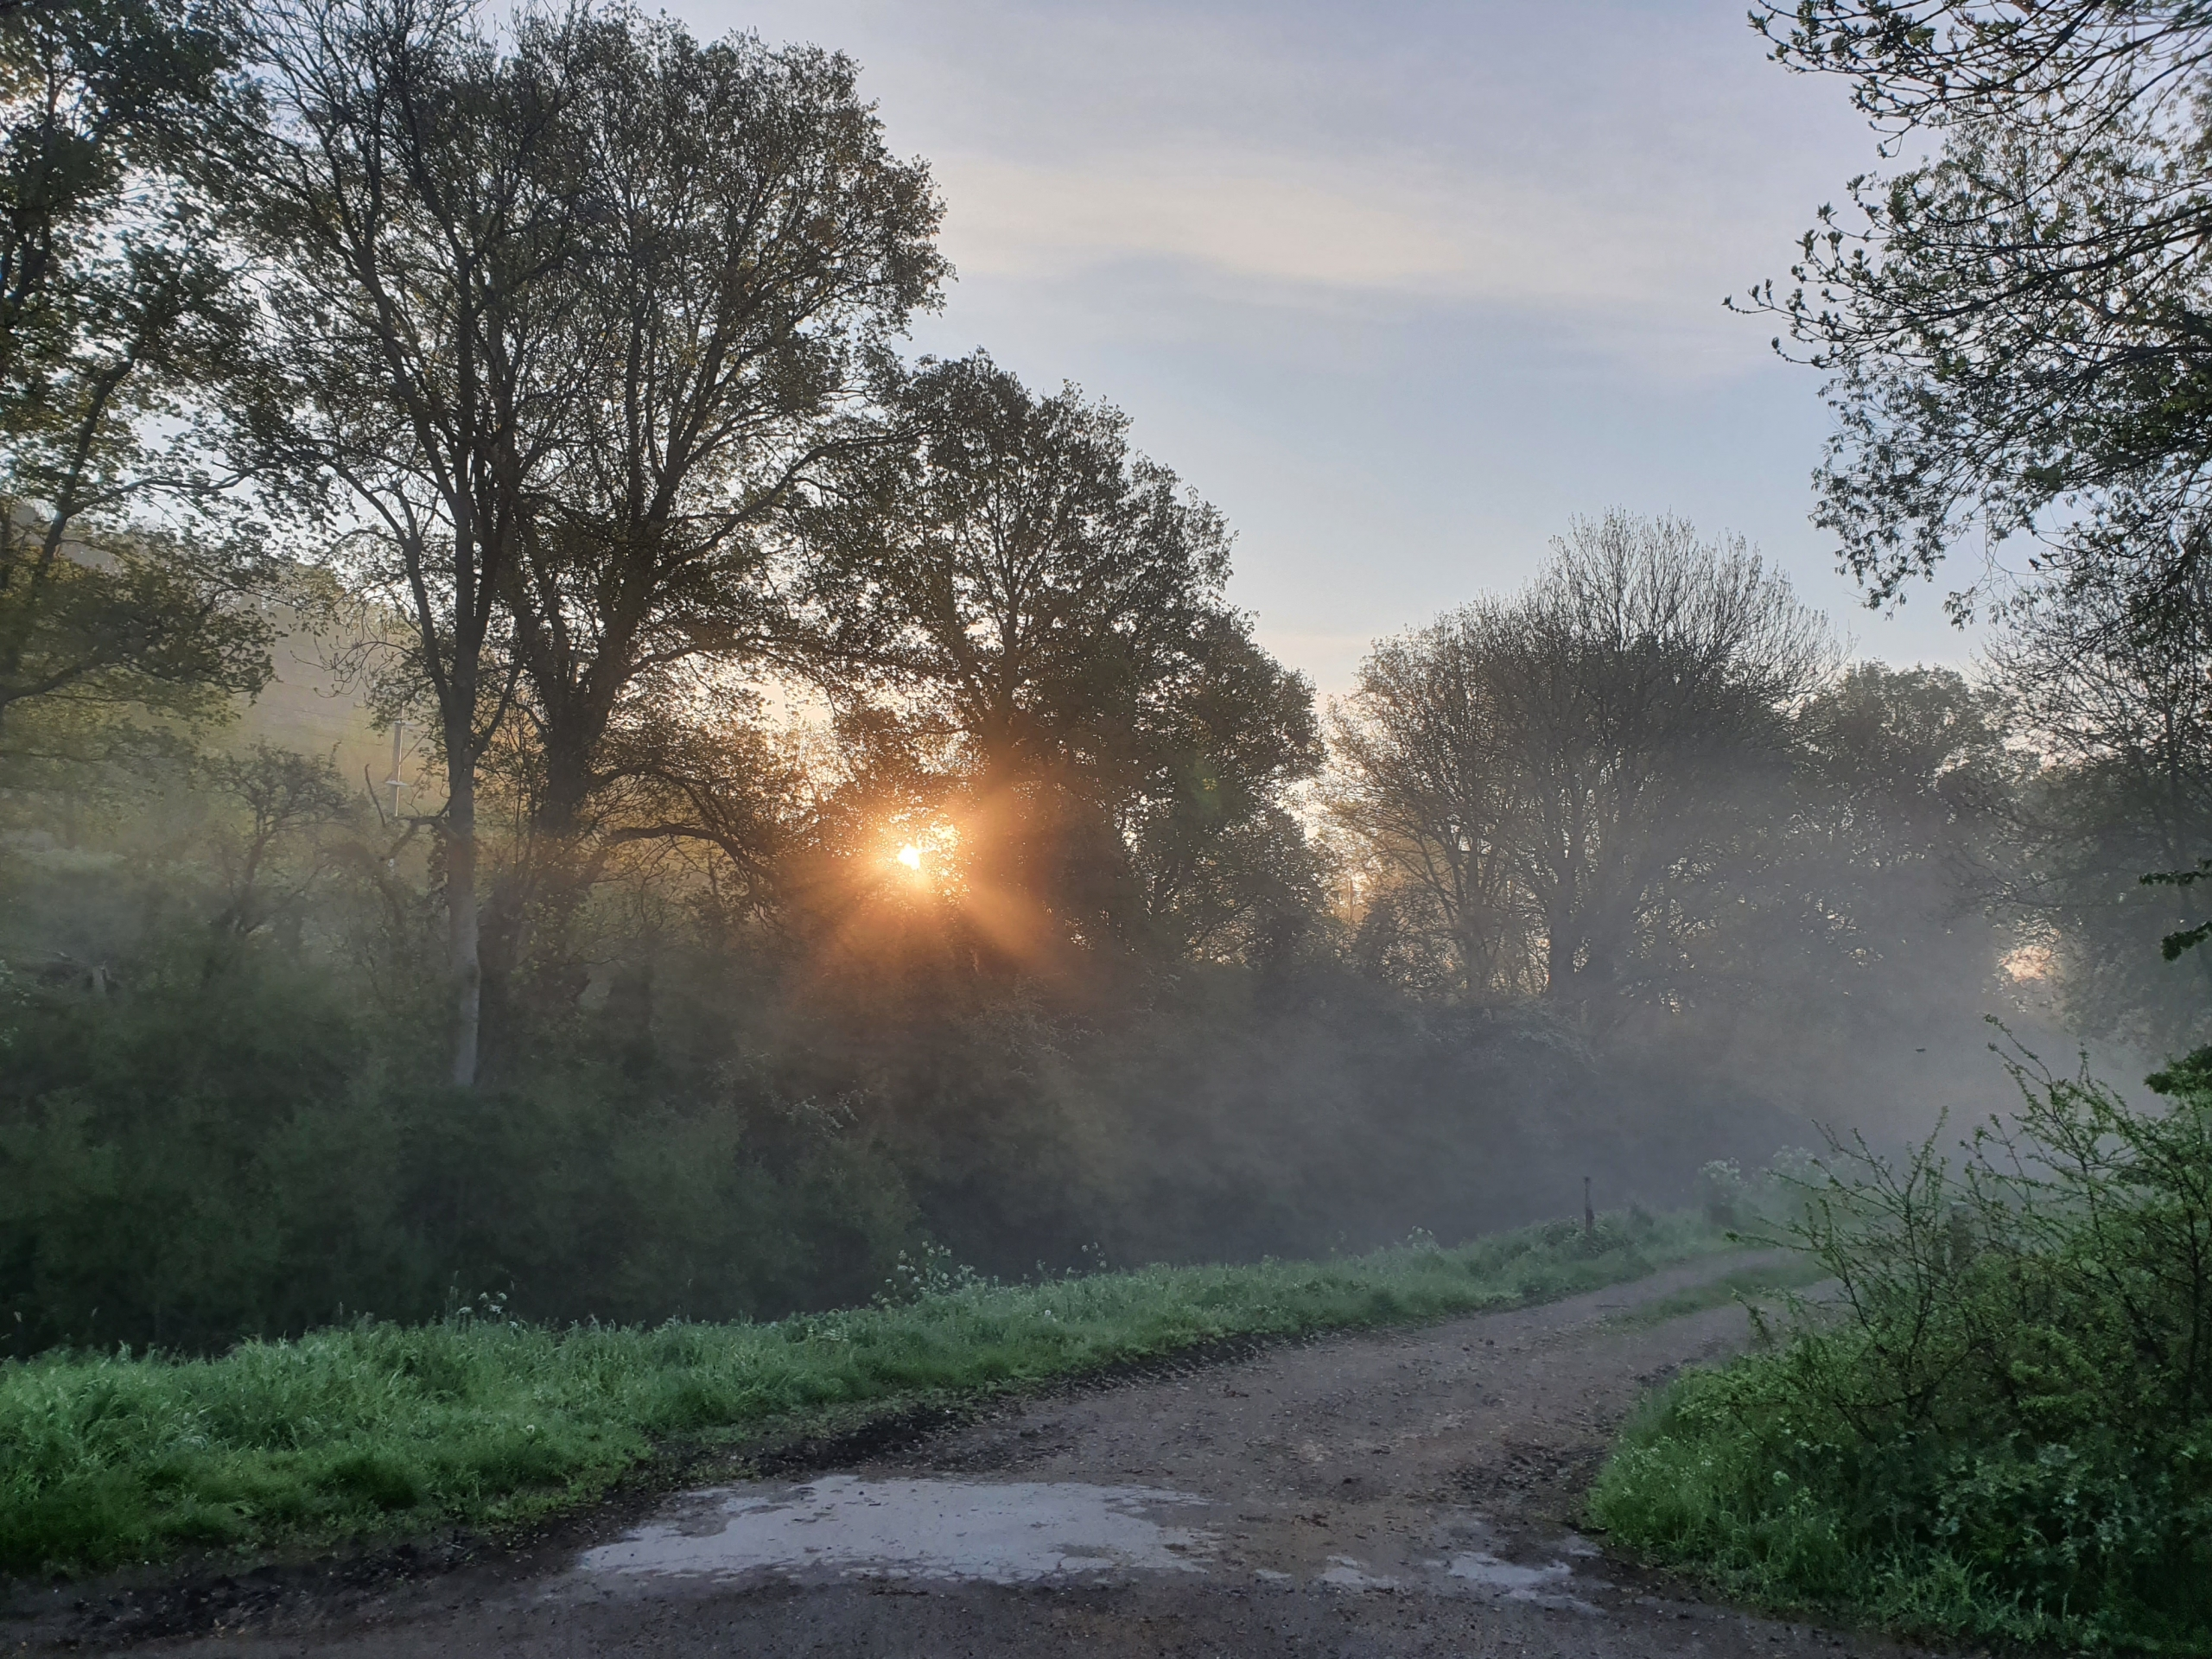 Eerste zon op de Spykerweg bij Elten, de twijfel slaat toe